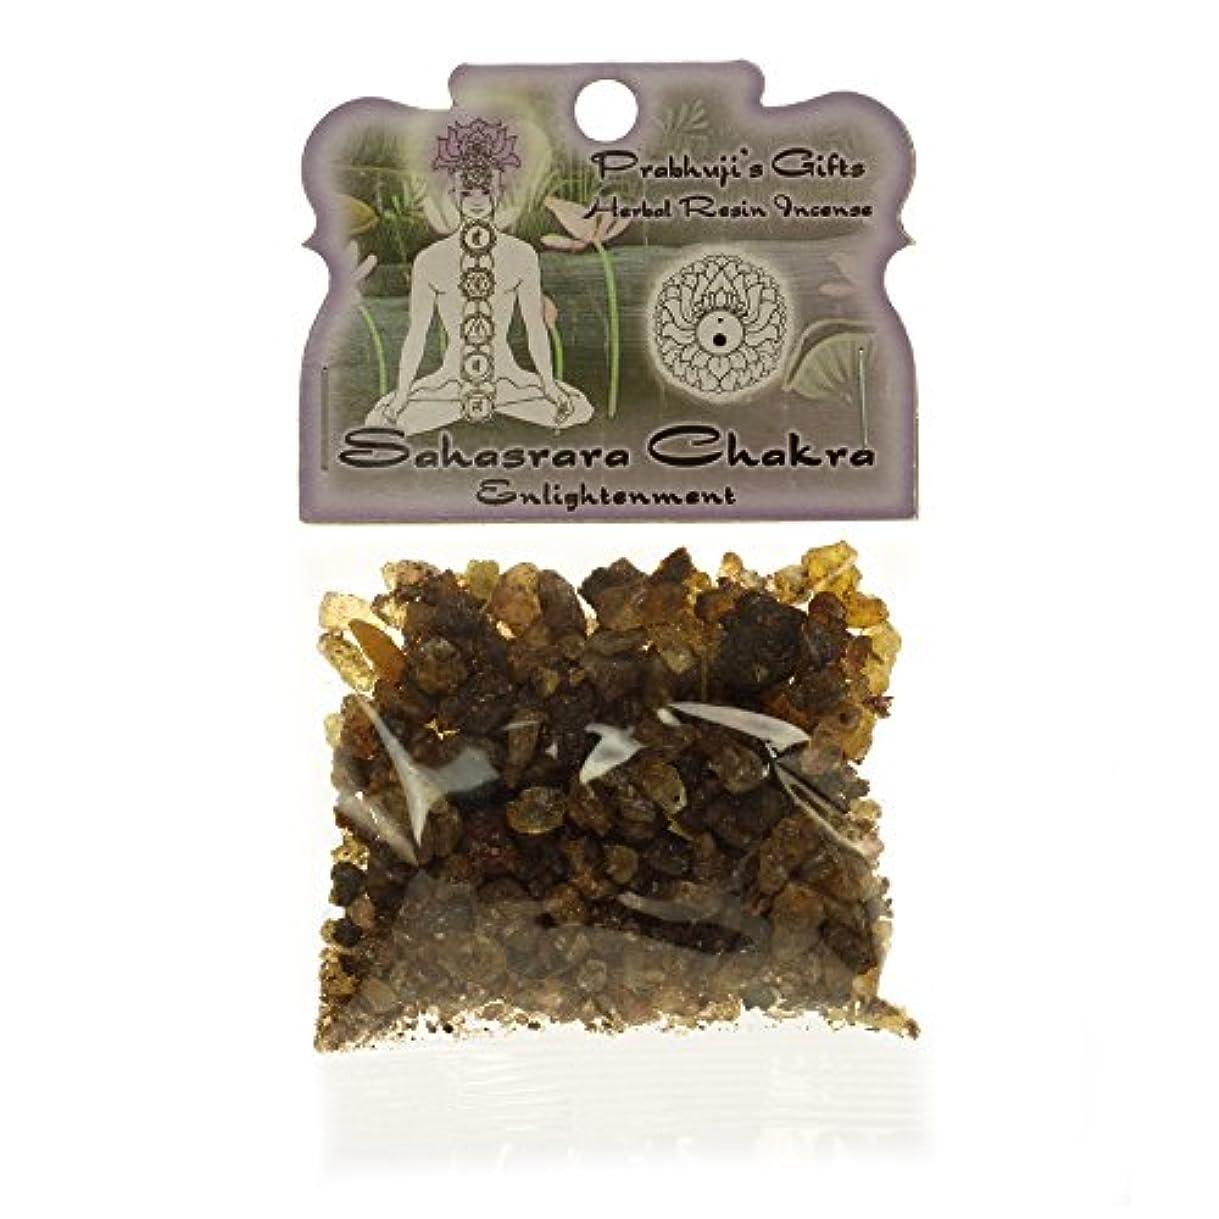 満州猟犬首謀者樹脂Incense Crown Chakra Sahasrara – Enlightenment – 1.2ozバッグ